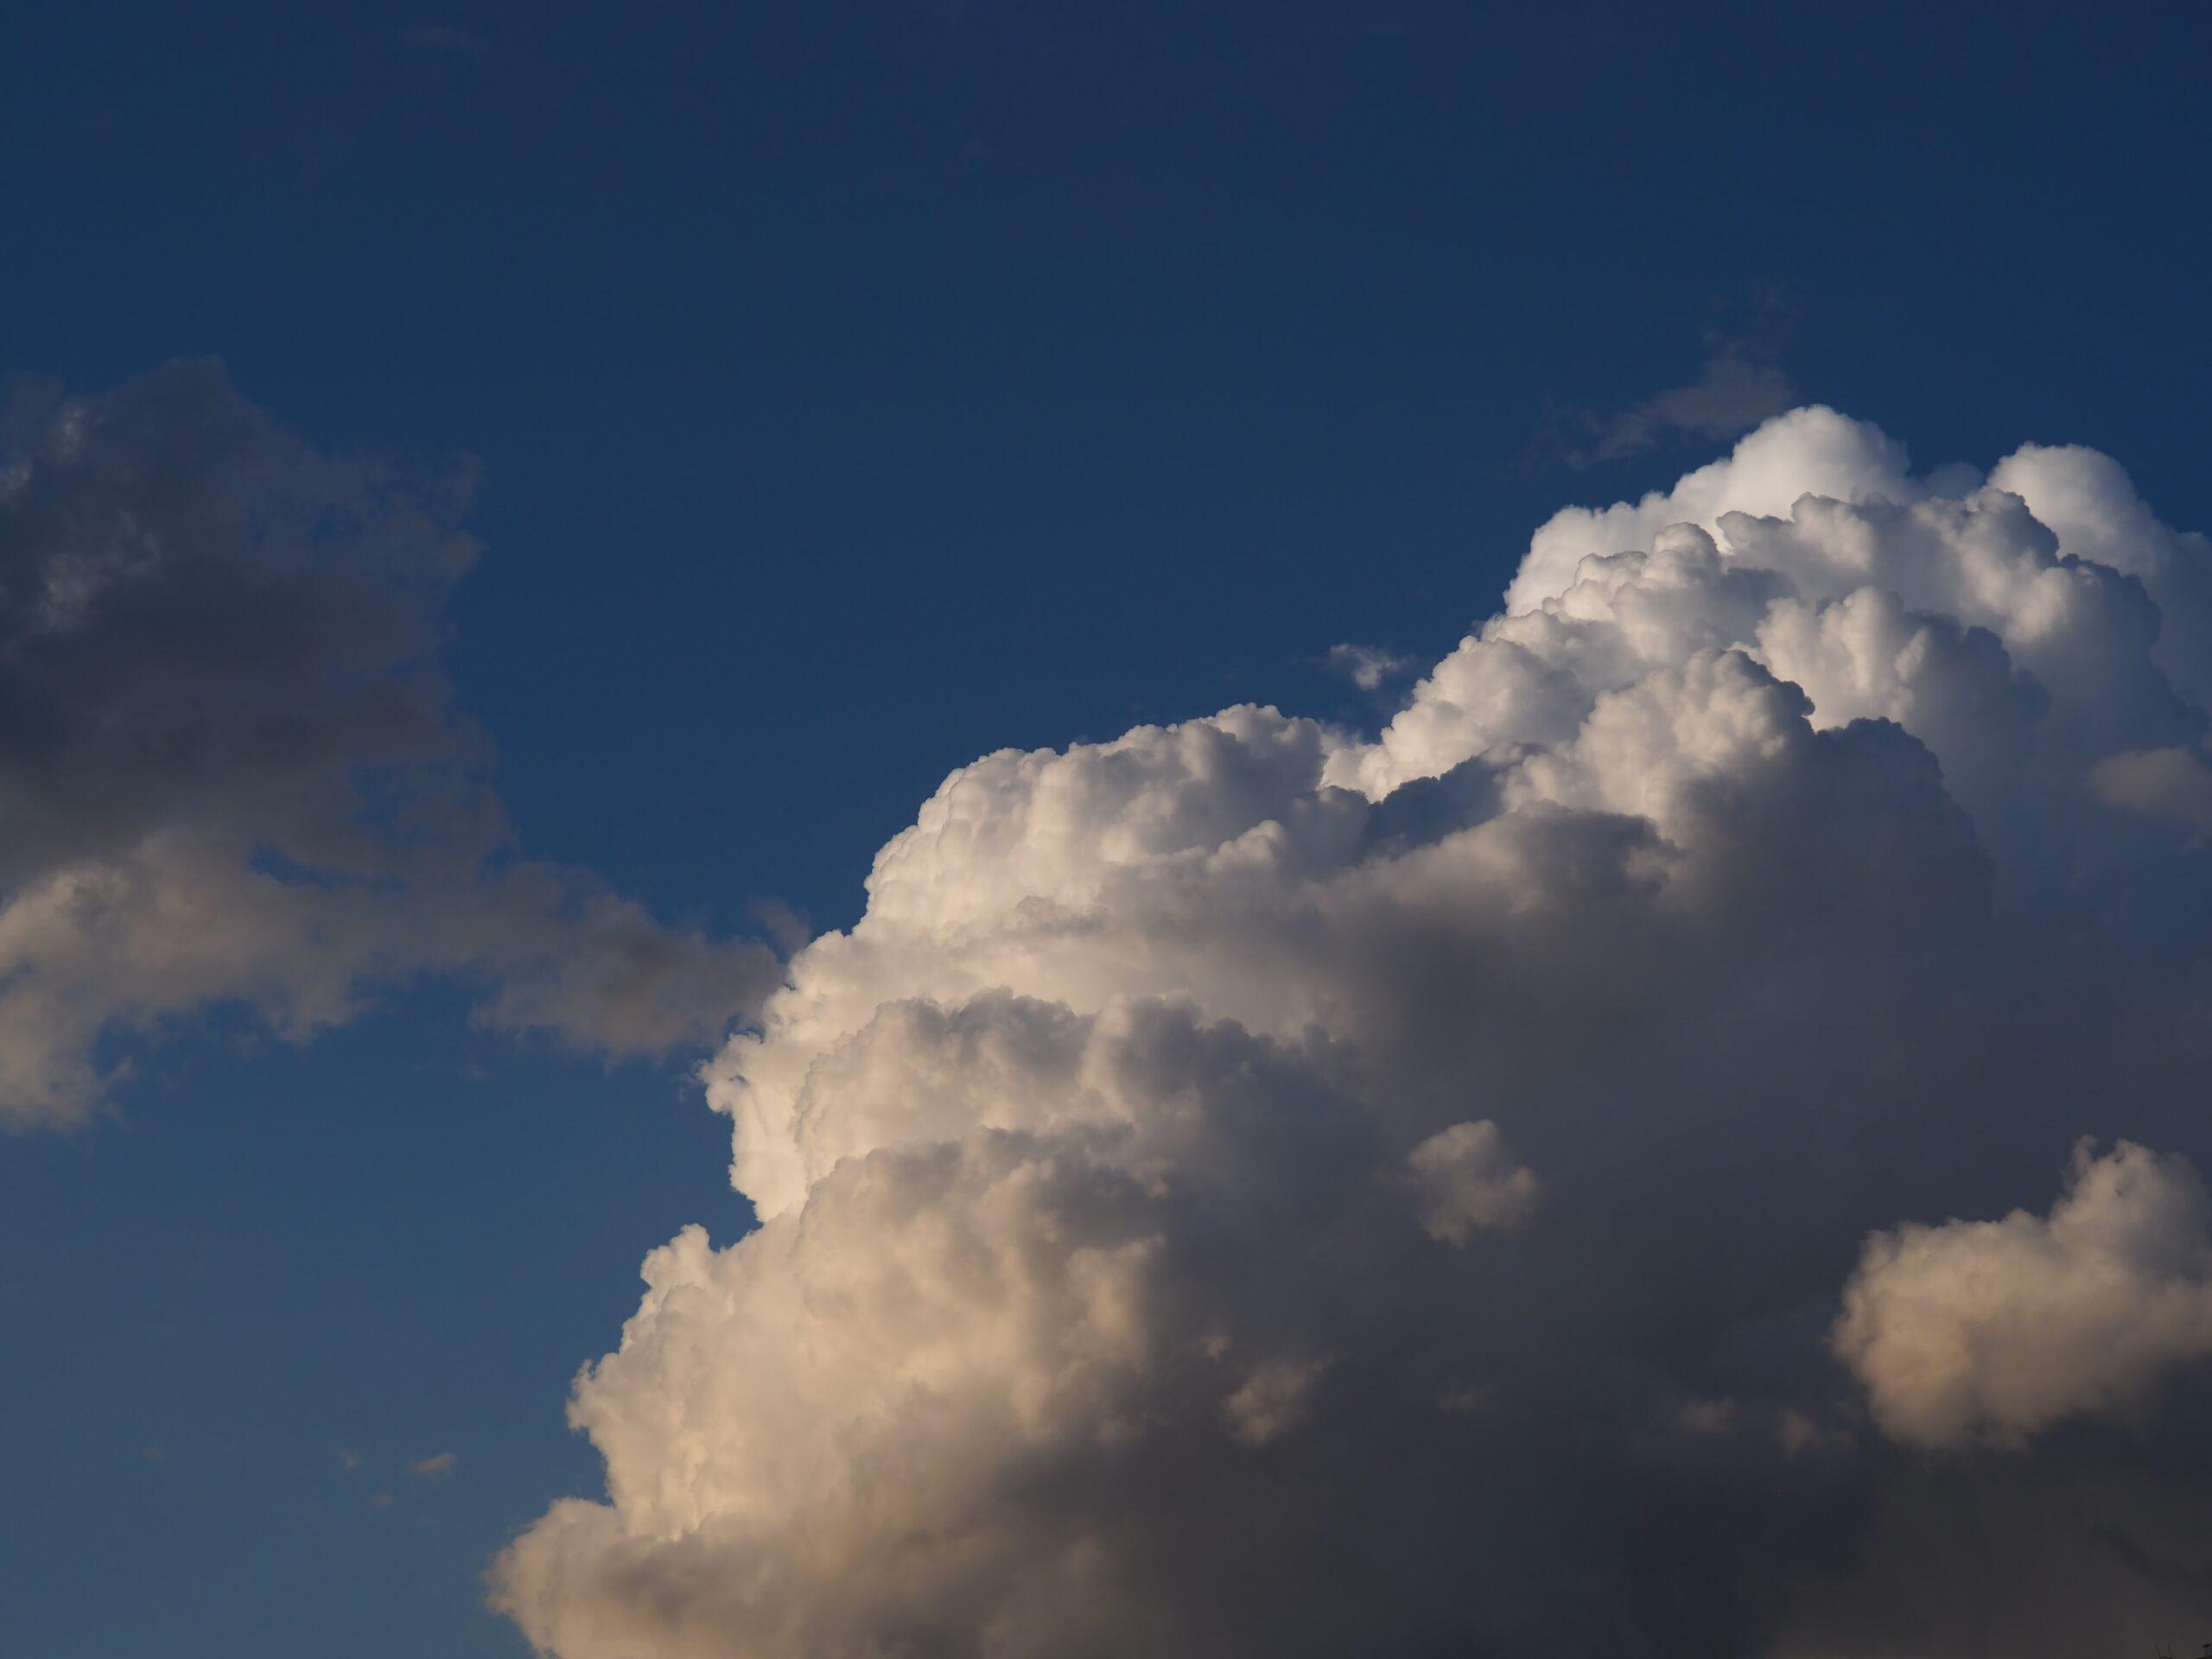 Seguretat al núvol en els serveis de salut